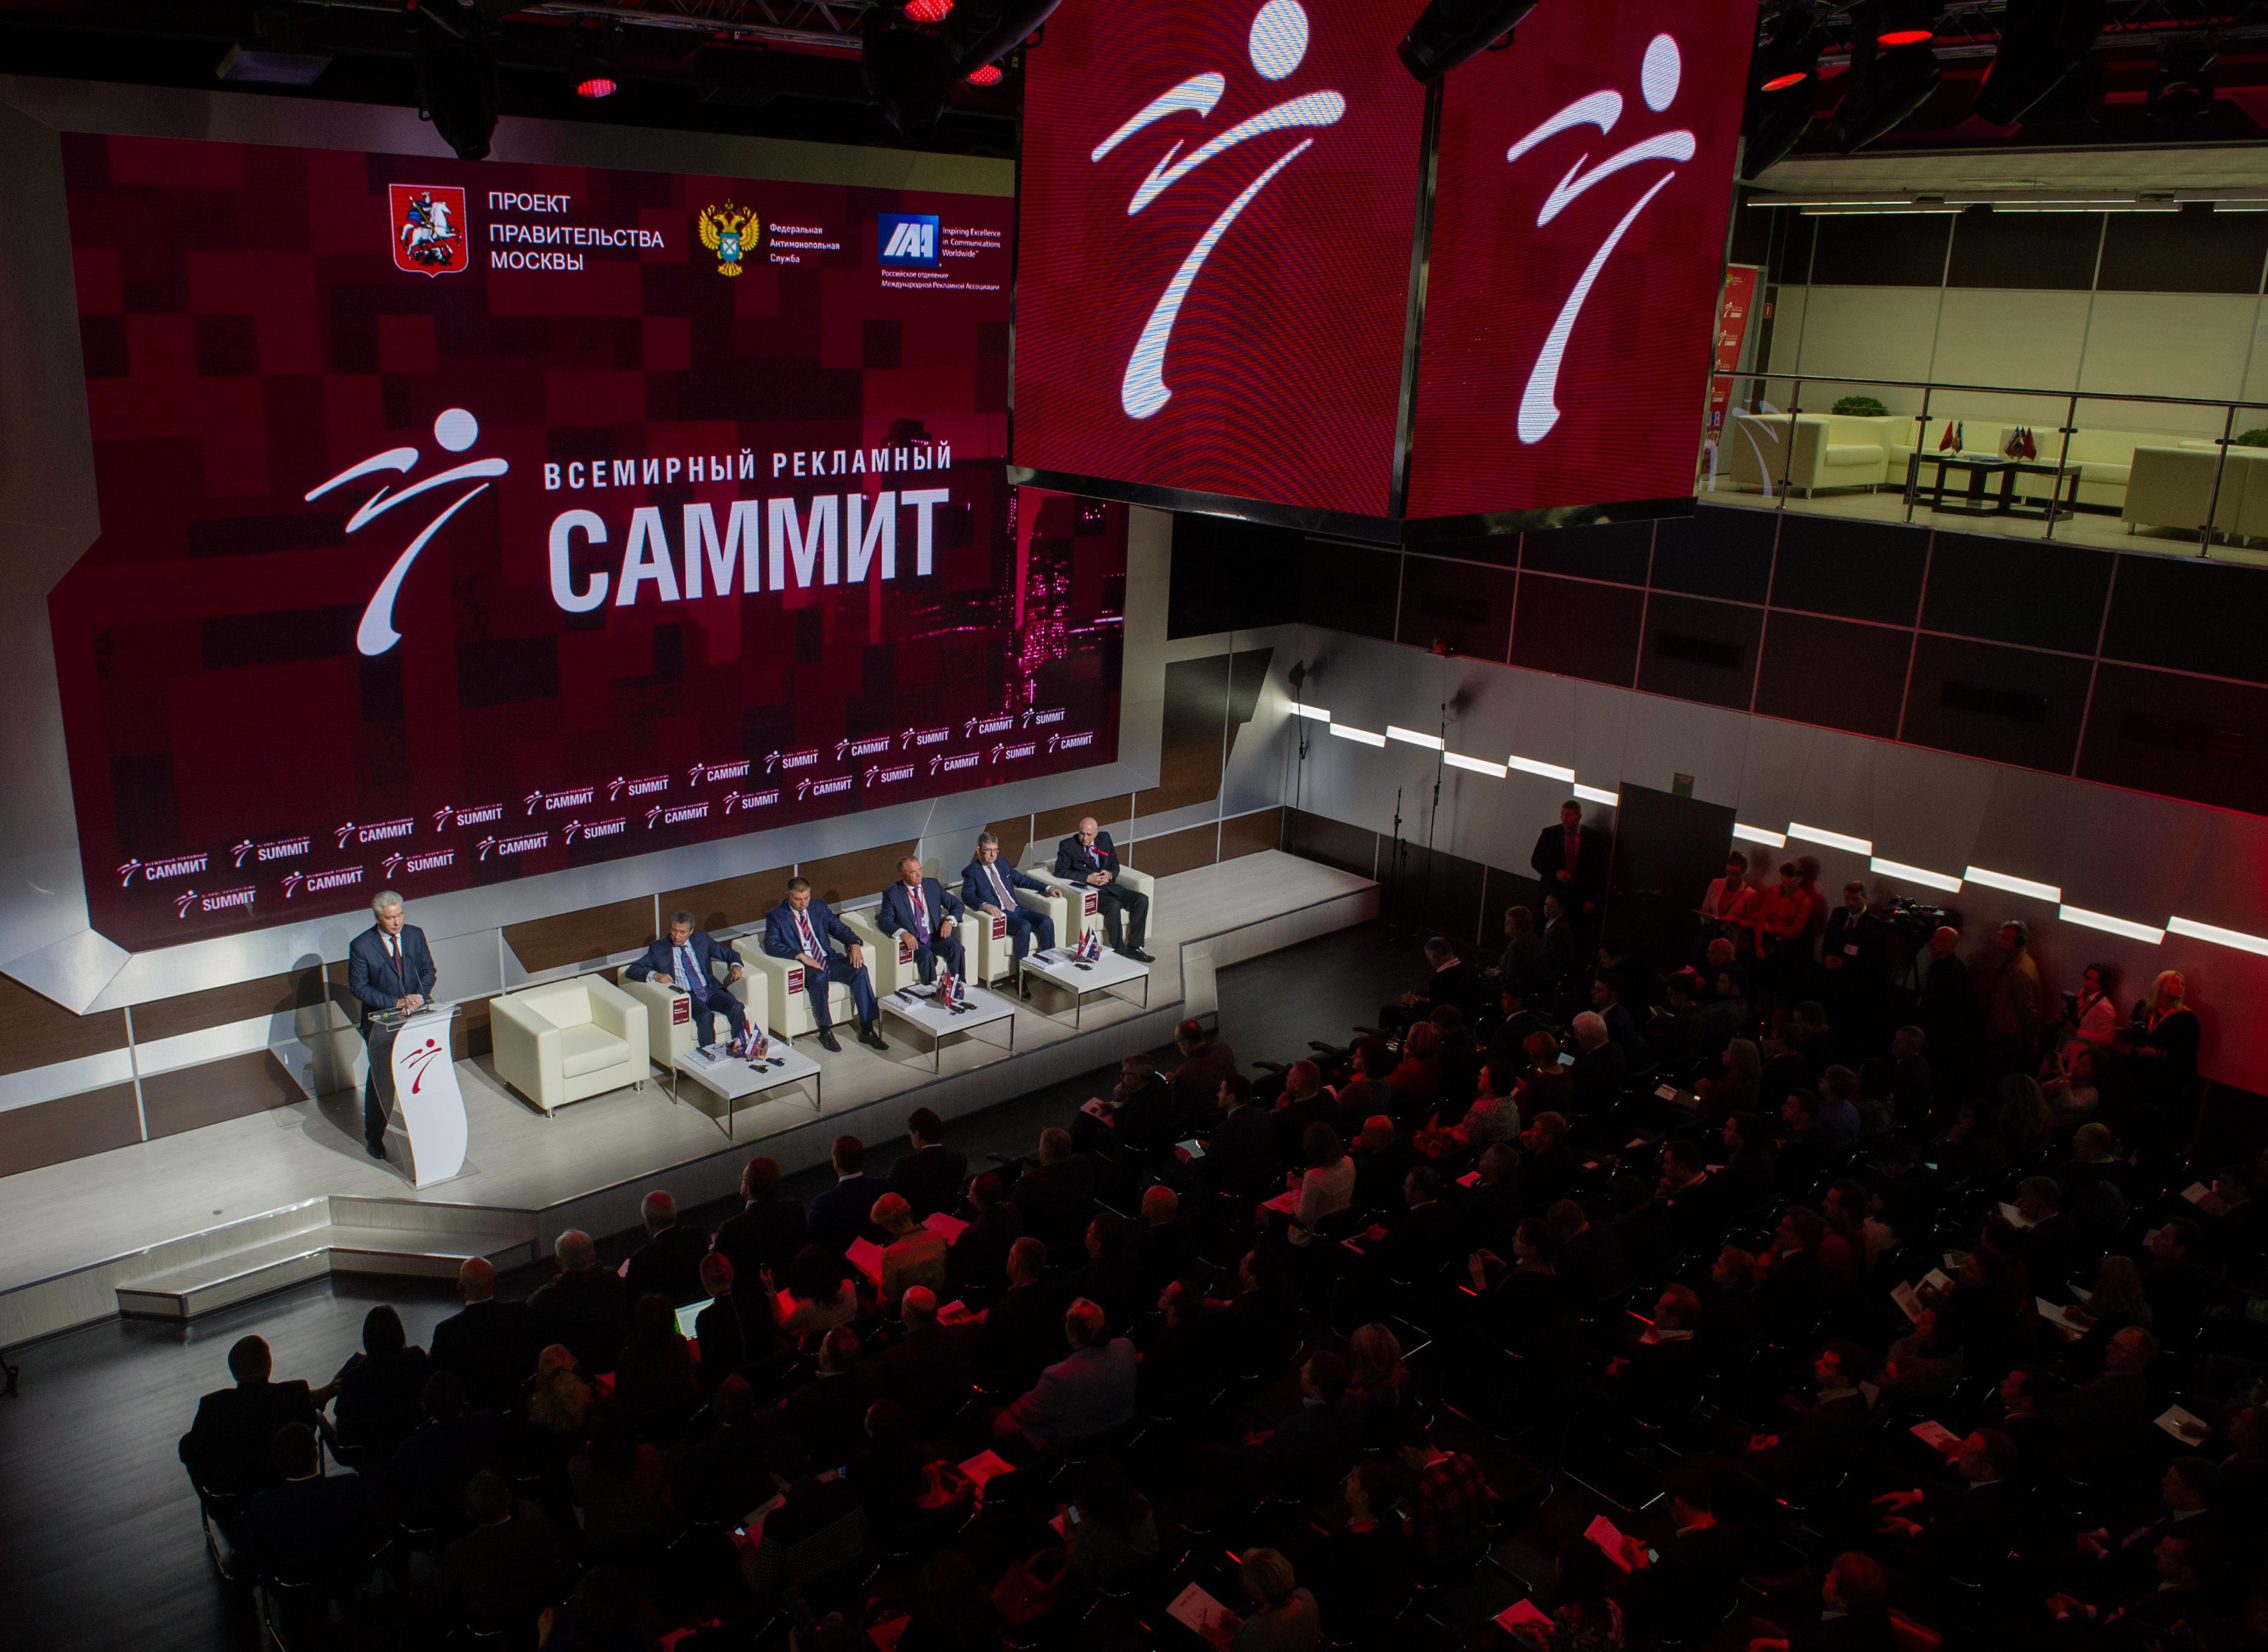 Открытие Всемирного рекламного саммита